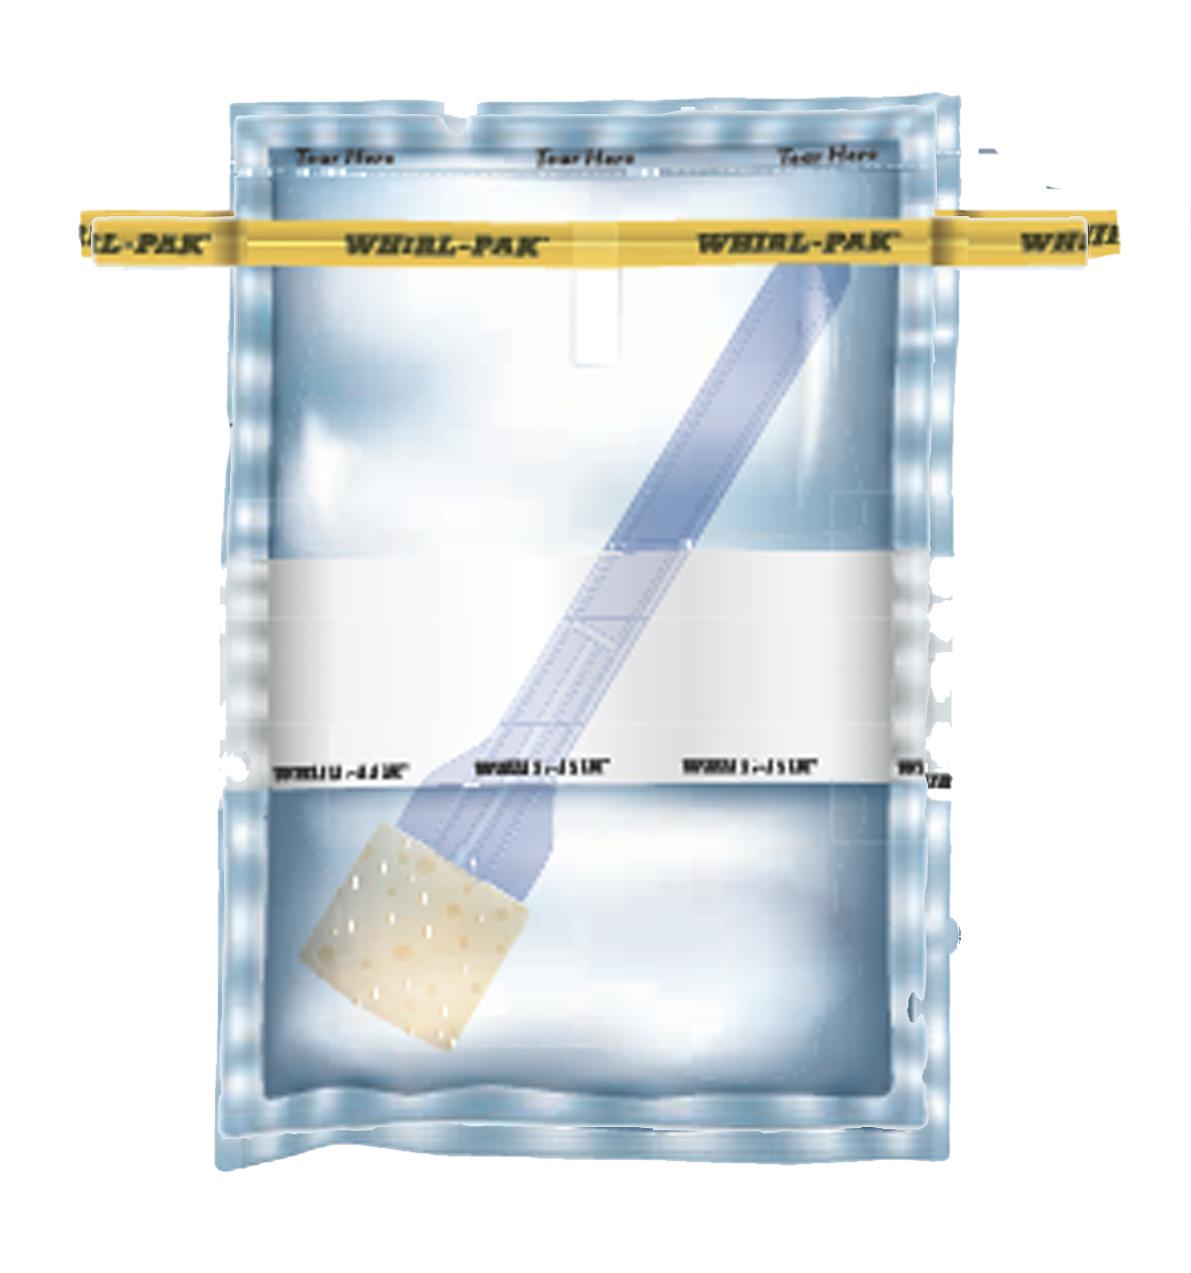 Стерильные пакеты для отбора проб Whirl-Pak для смывов с поверхности